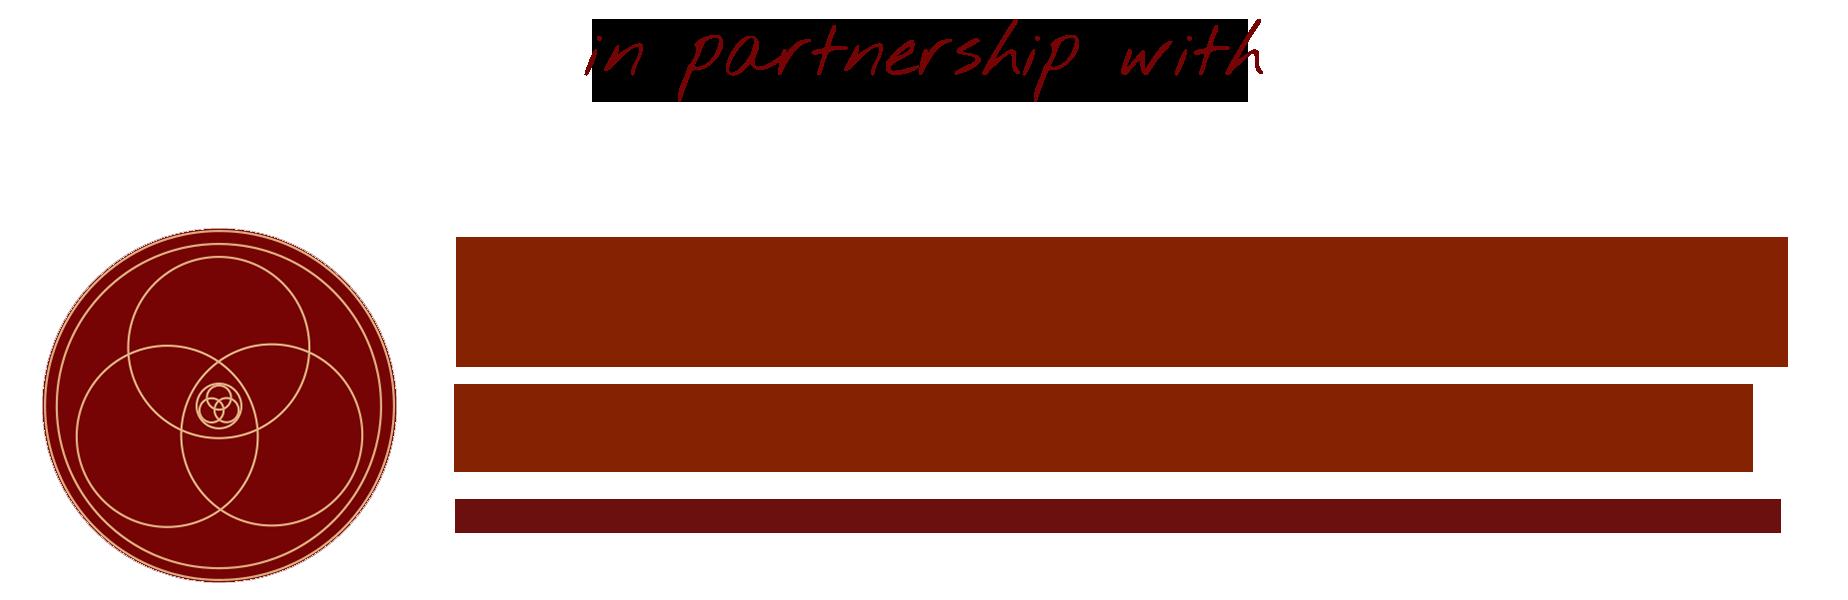 sarah-oswald-partnership-2.png